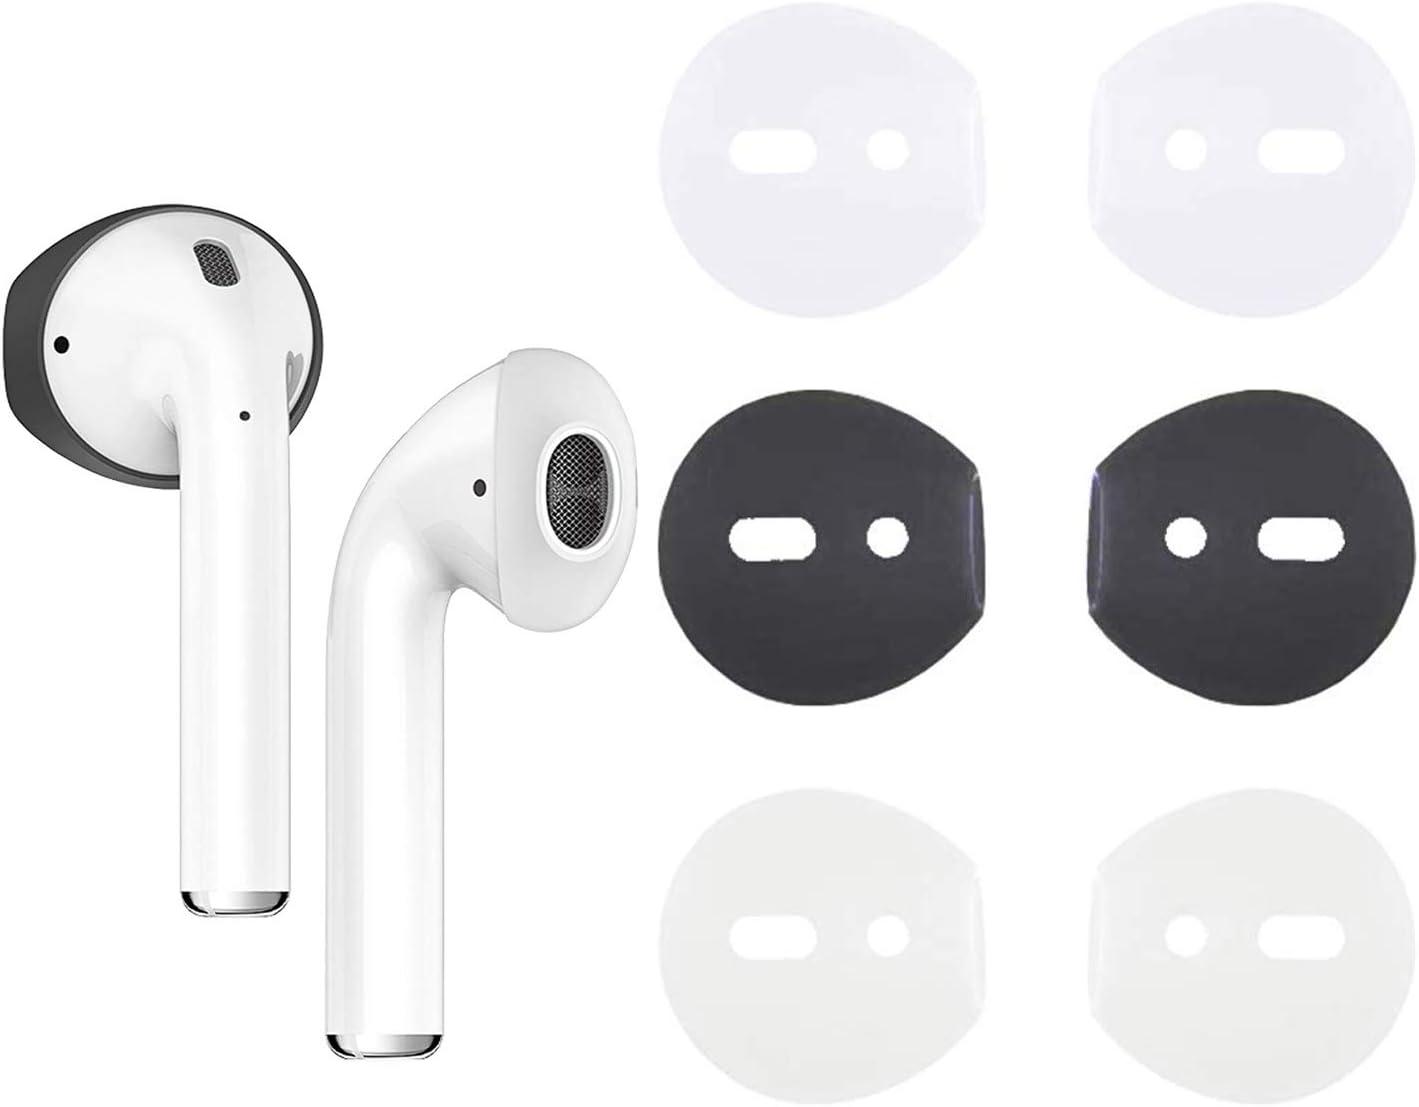 lsy0123 3 pares de almohadillas de silicona para orejas con almohadillas de silicona antideslizantes para auriculares deportivos compatibles con Huawei Honor AM61 auriculares deportivos con Bluetooth